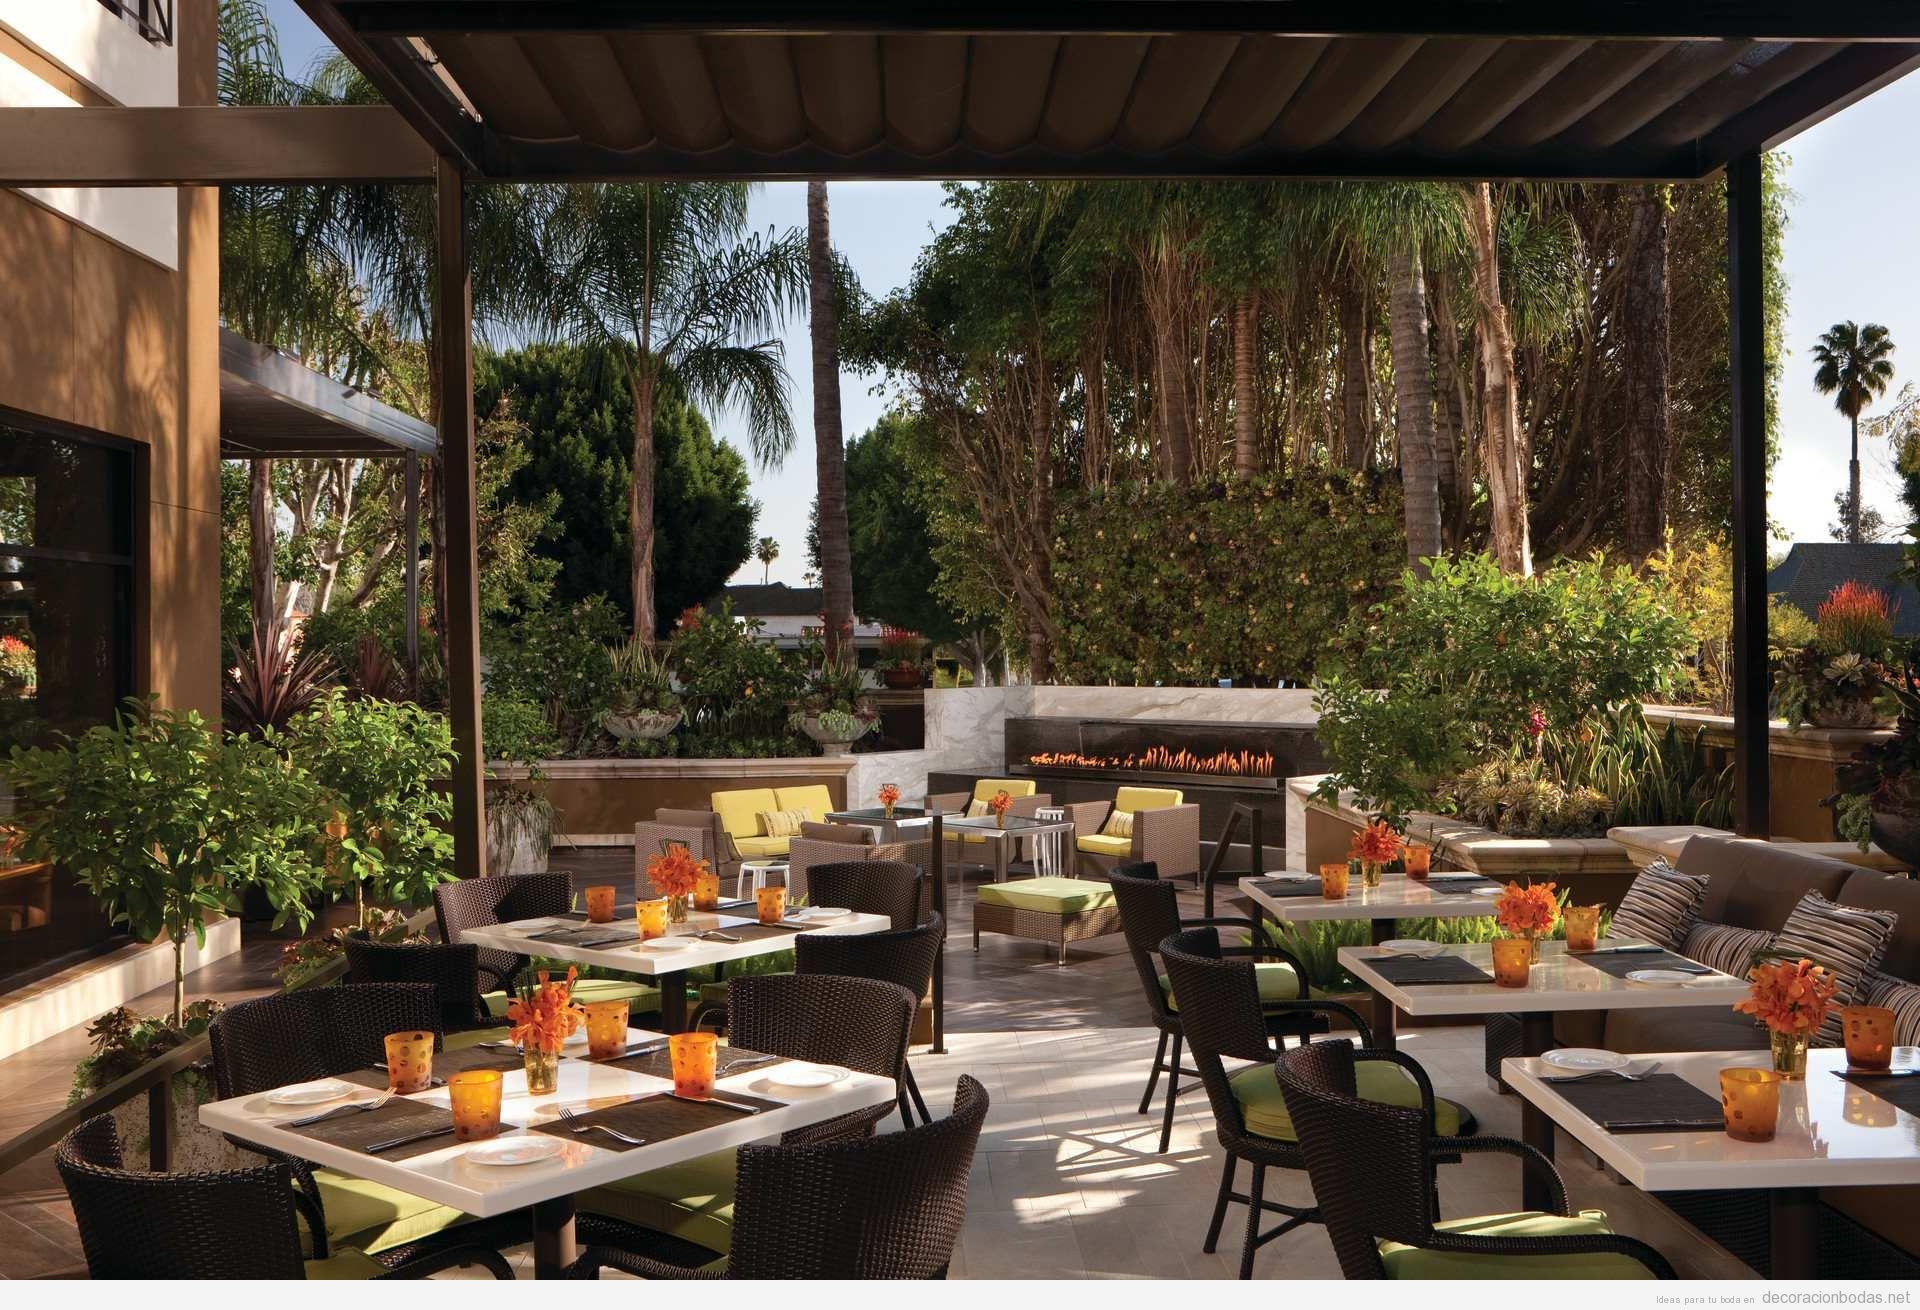 Diseno exterior restaurante minimalista terraza for Mesas de exterior de diseno